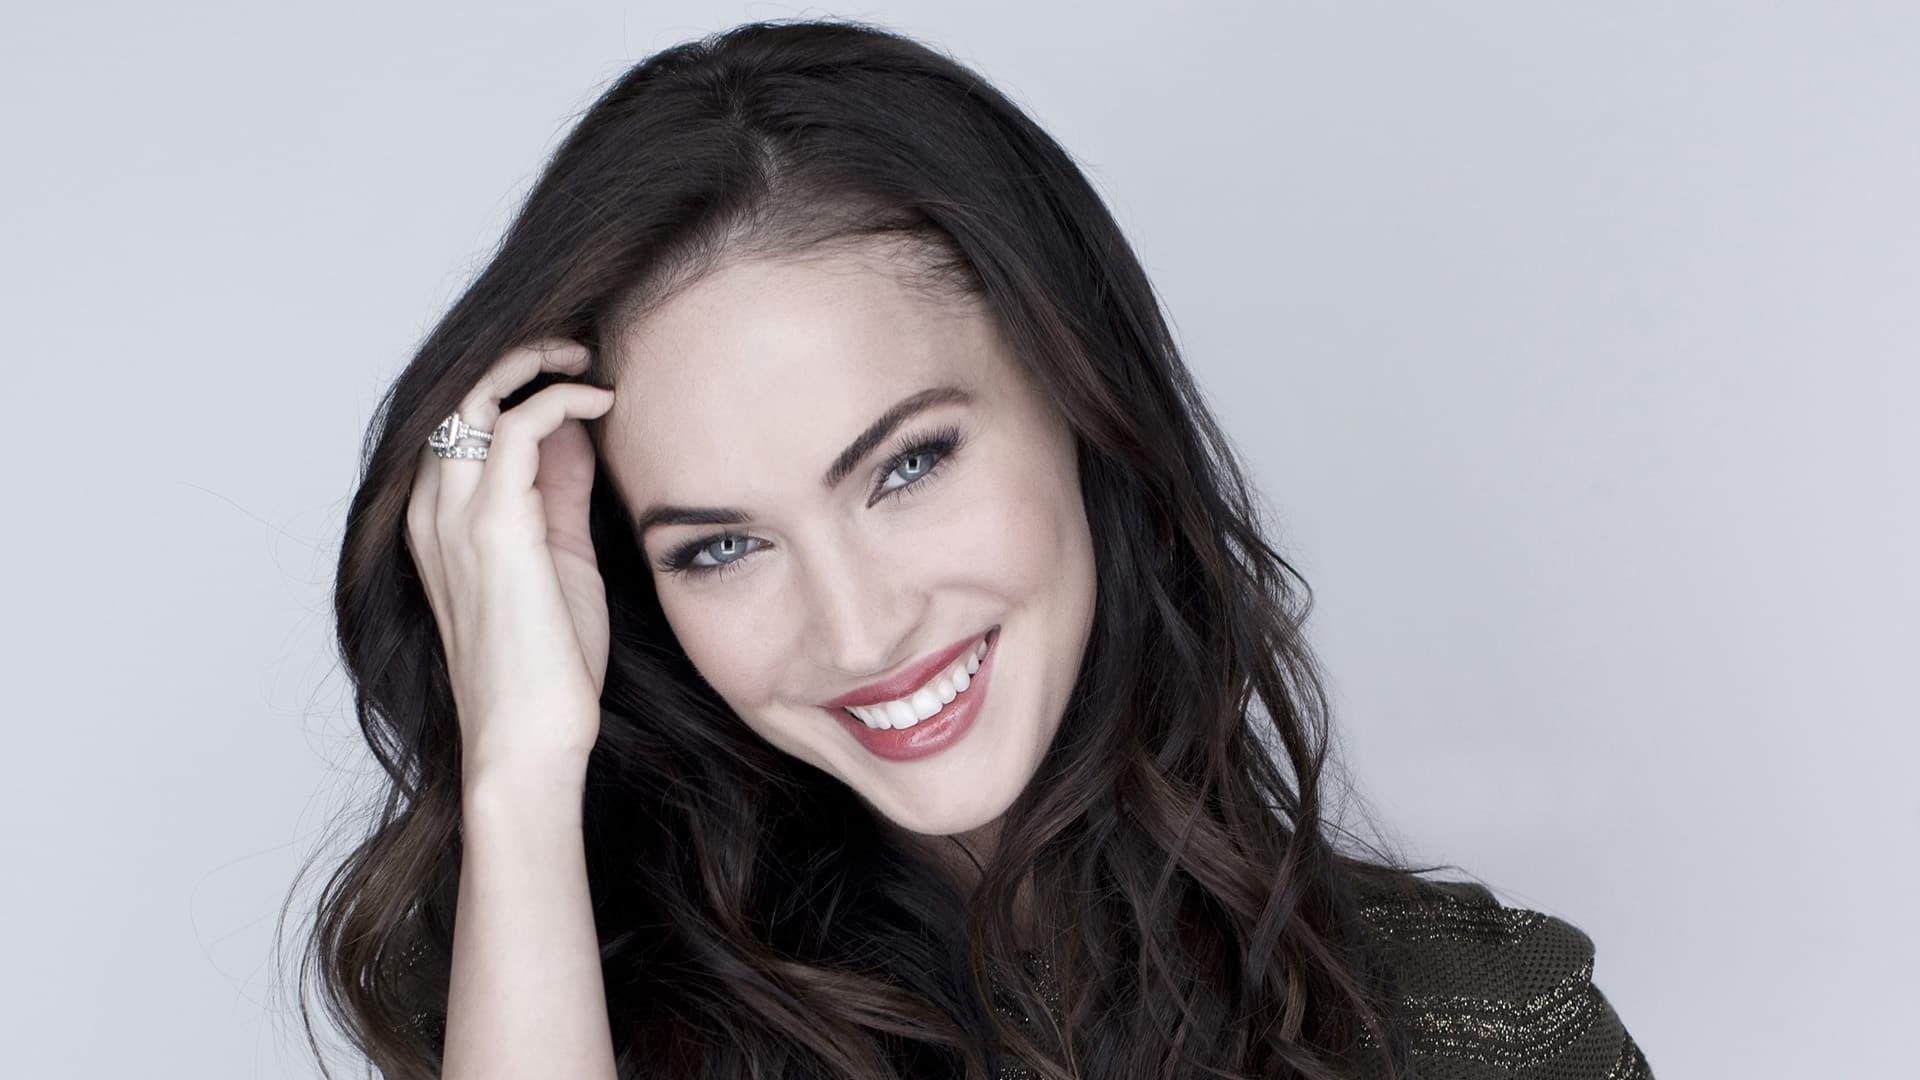 Megan Fox est une actrice et mannequin américaine née le 16 mai 1986 à Oak Ridge Elle est révélée au début des années 2000 par des rôles réguliers à la